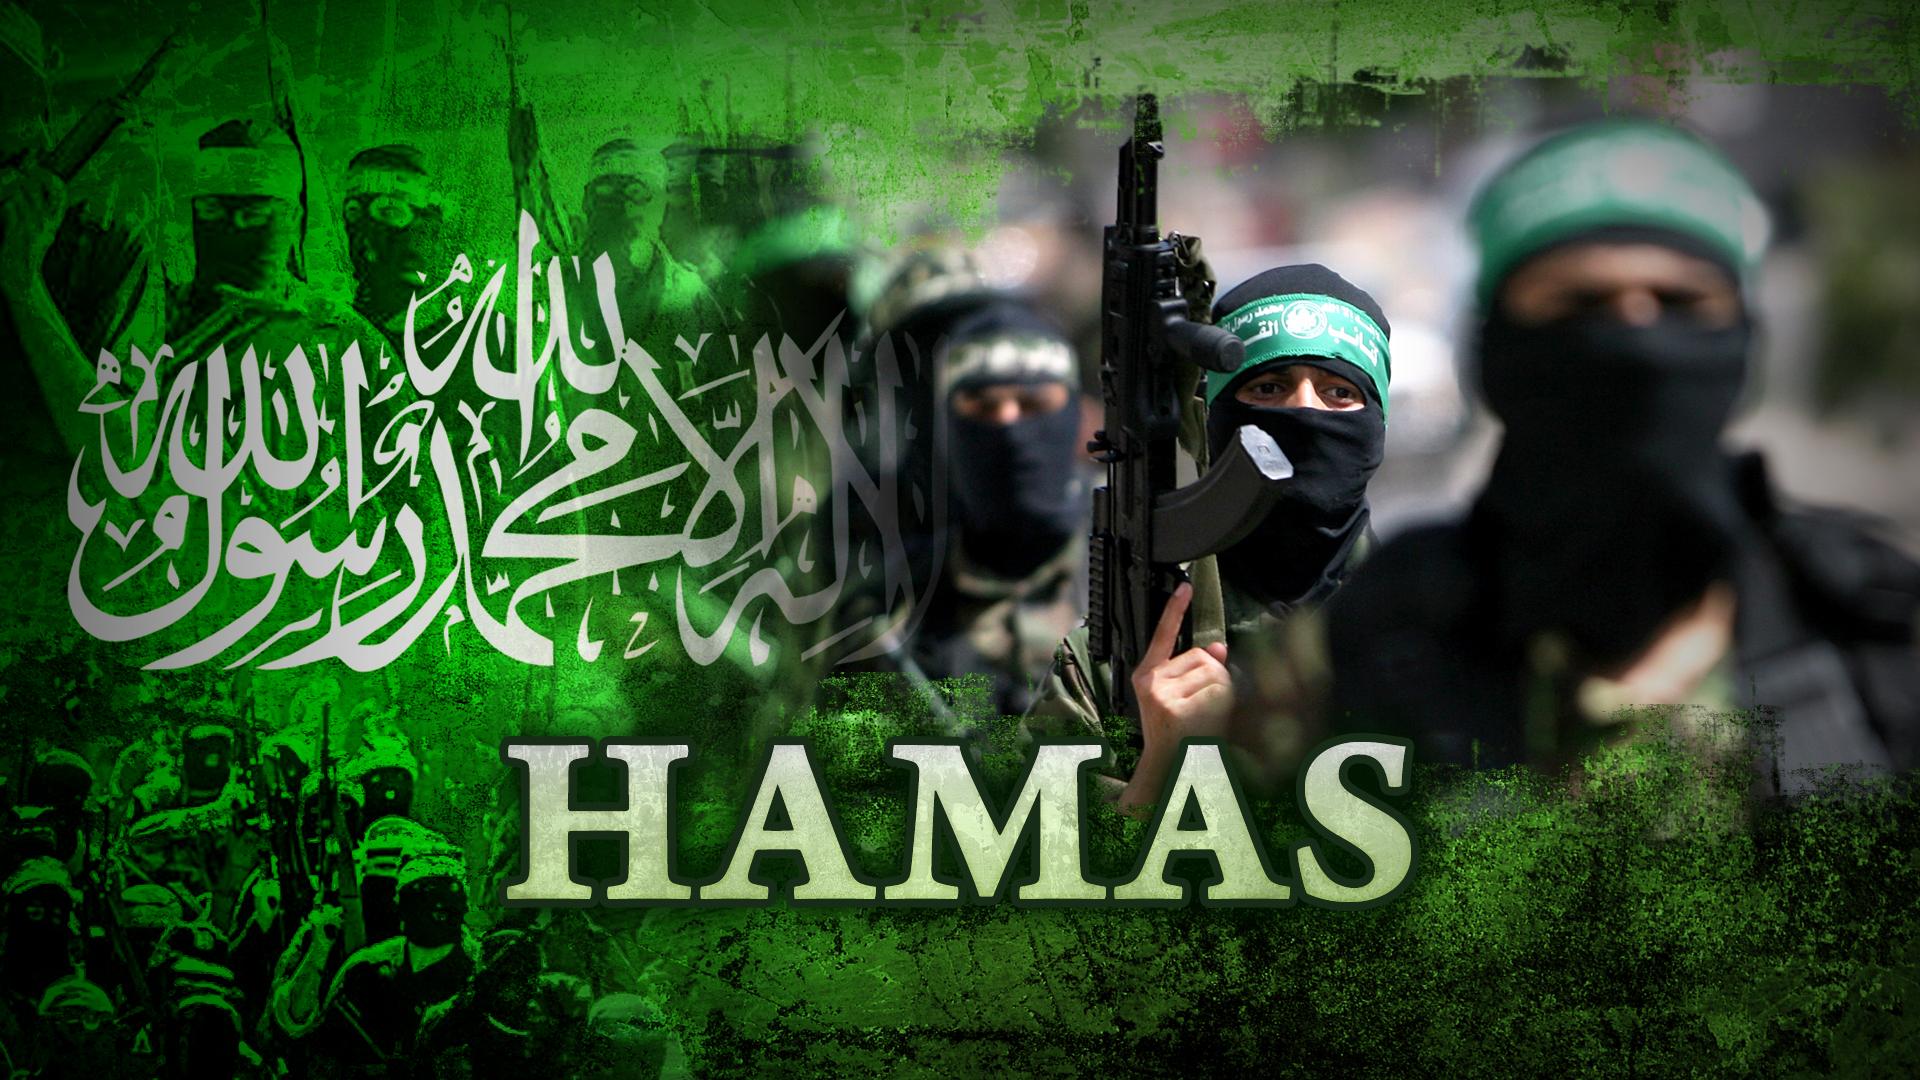 حمص کی لڑائی سے 40 ہزار شامی شہری نقل مکانی کرگئے